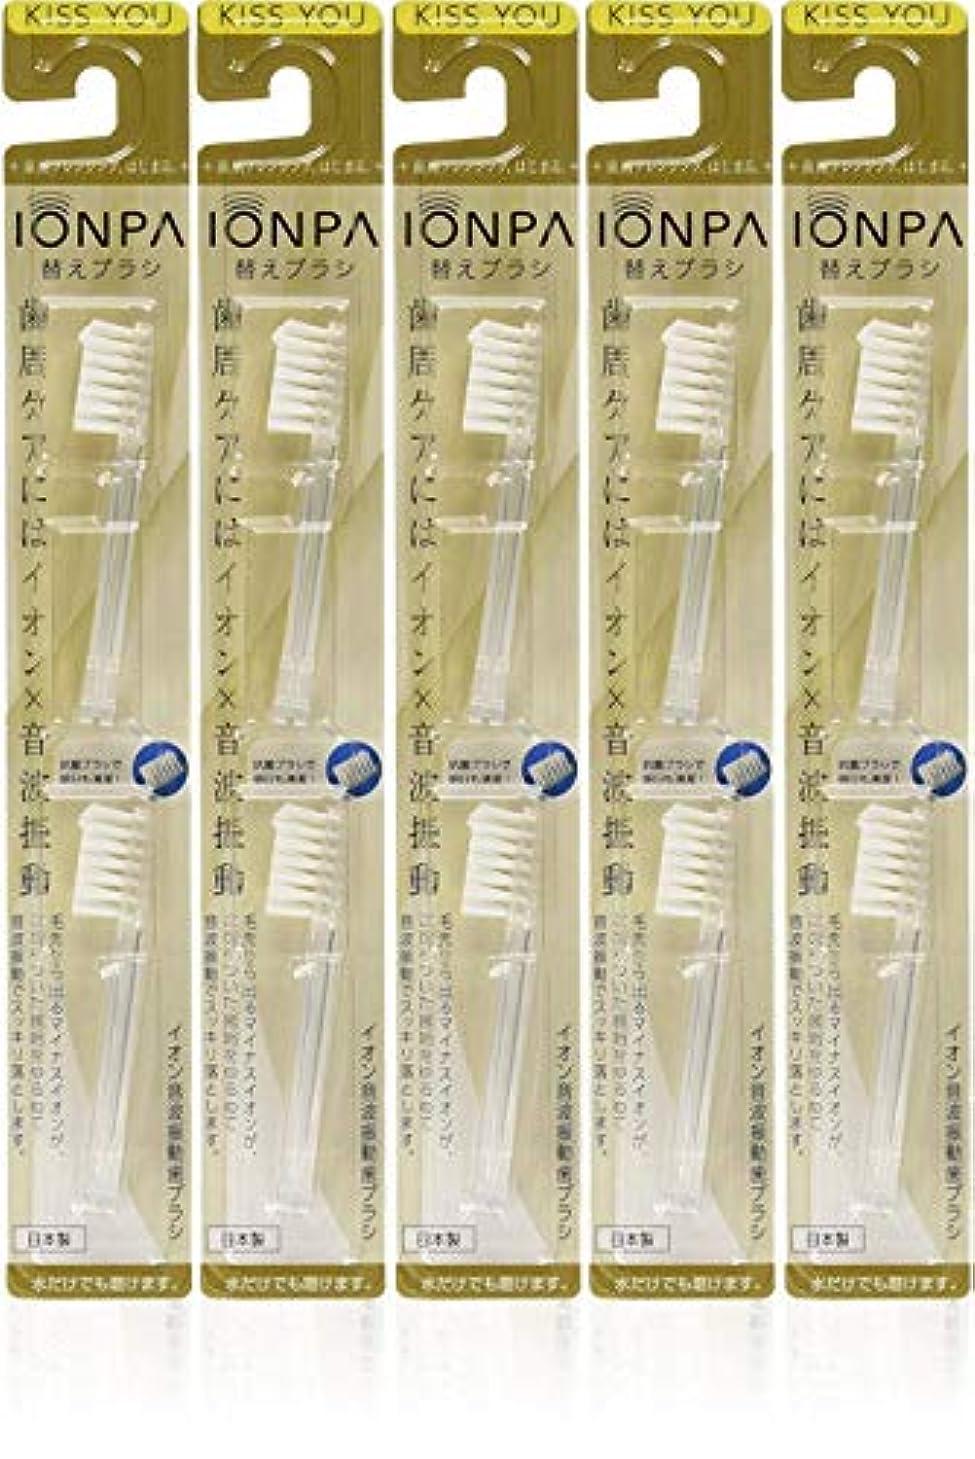 がっかりするエンコミウム十分です【5個セット】KISS YOU オンパ振動歯ブラシ IONPA 替え 2本